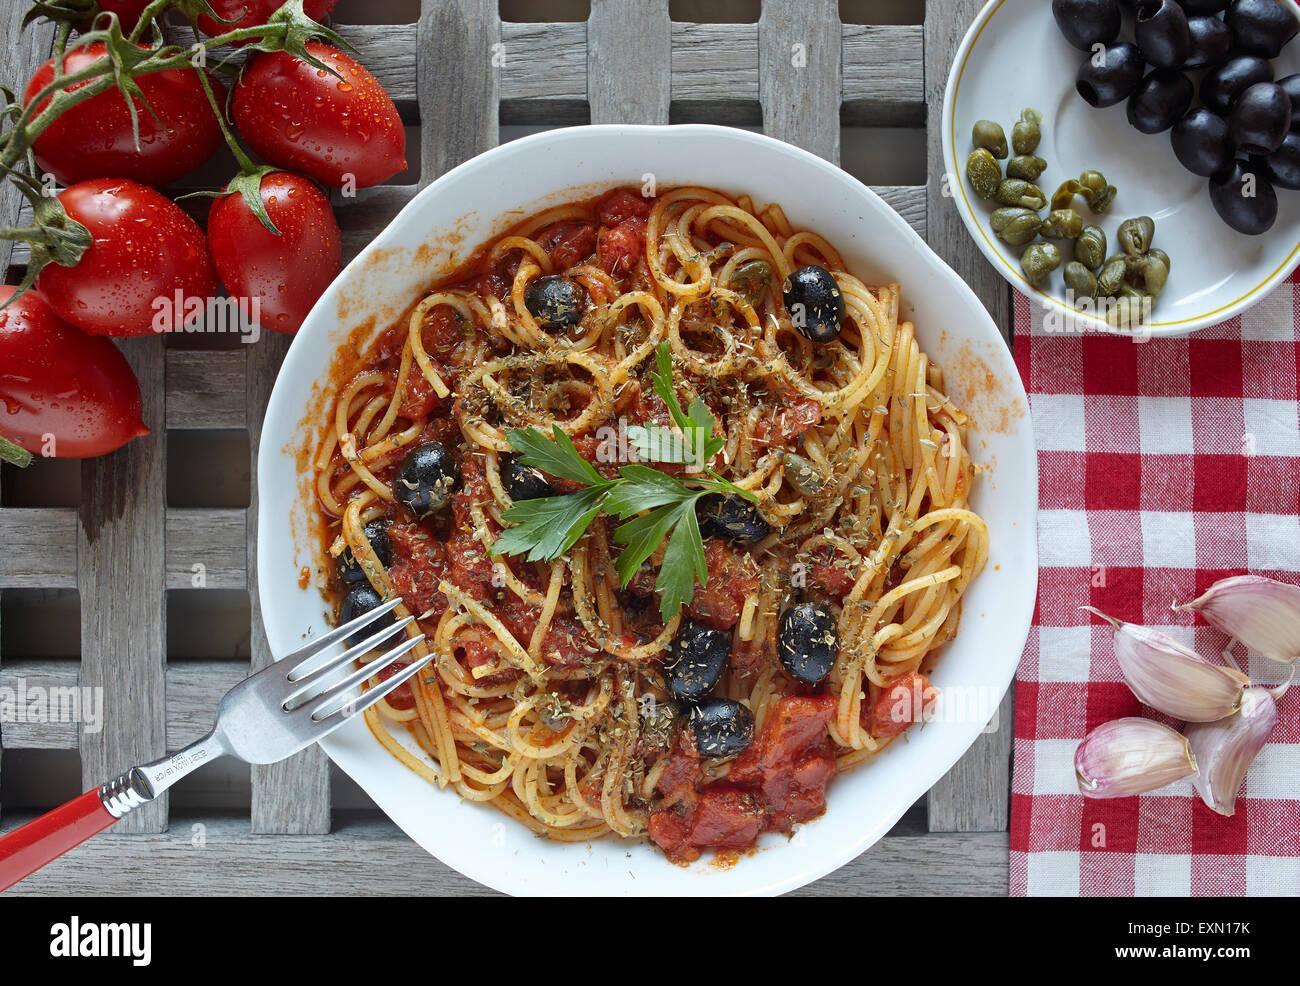 italienische Küche: Pasta mit Tomaten, Oliven und Kapern, genannt Puttanesca Stockbild